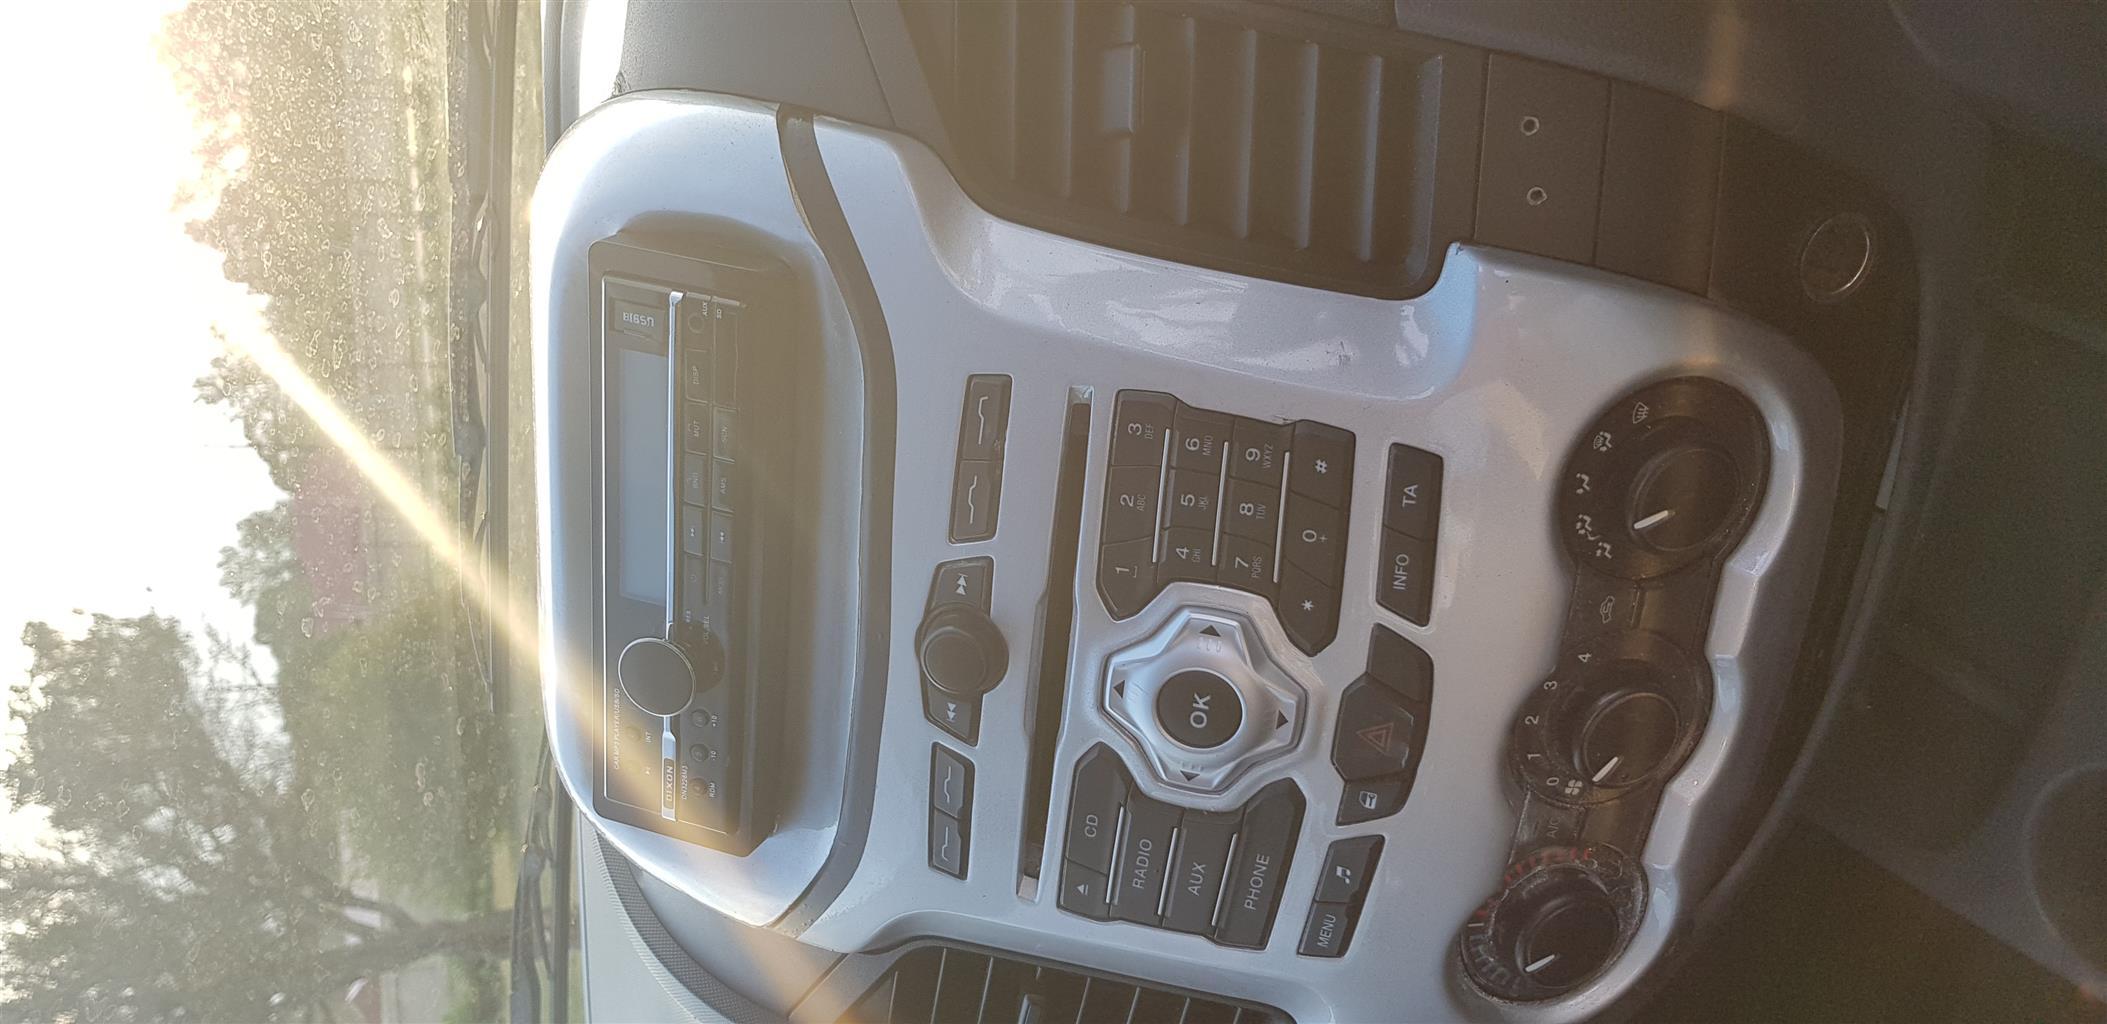 2015 Ford Ranger 2.2 Hi Rider XL